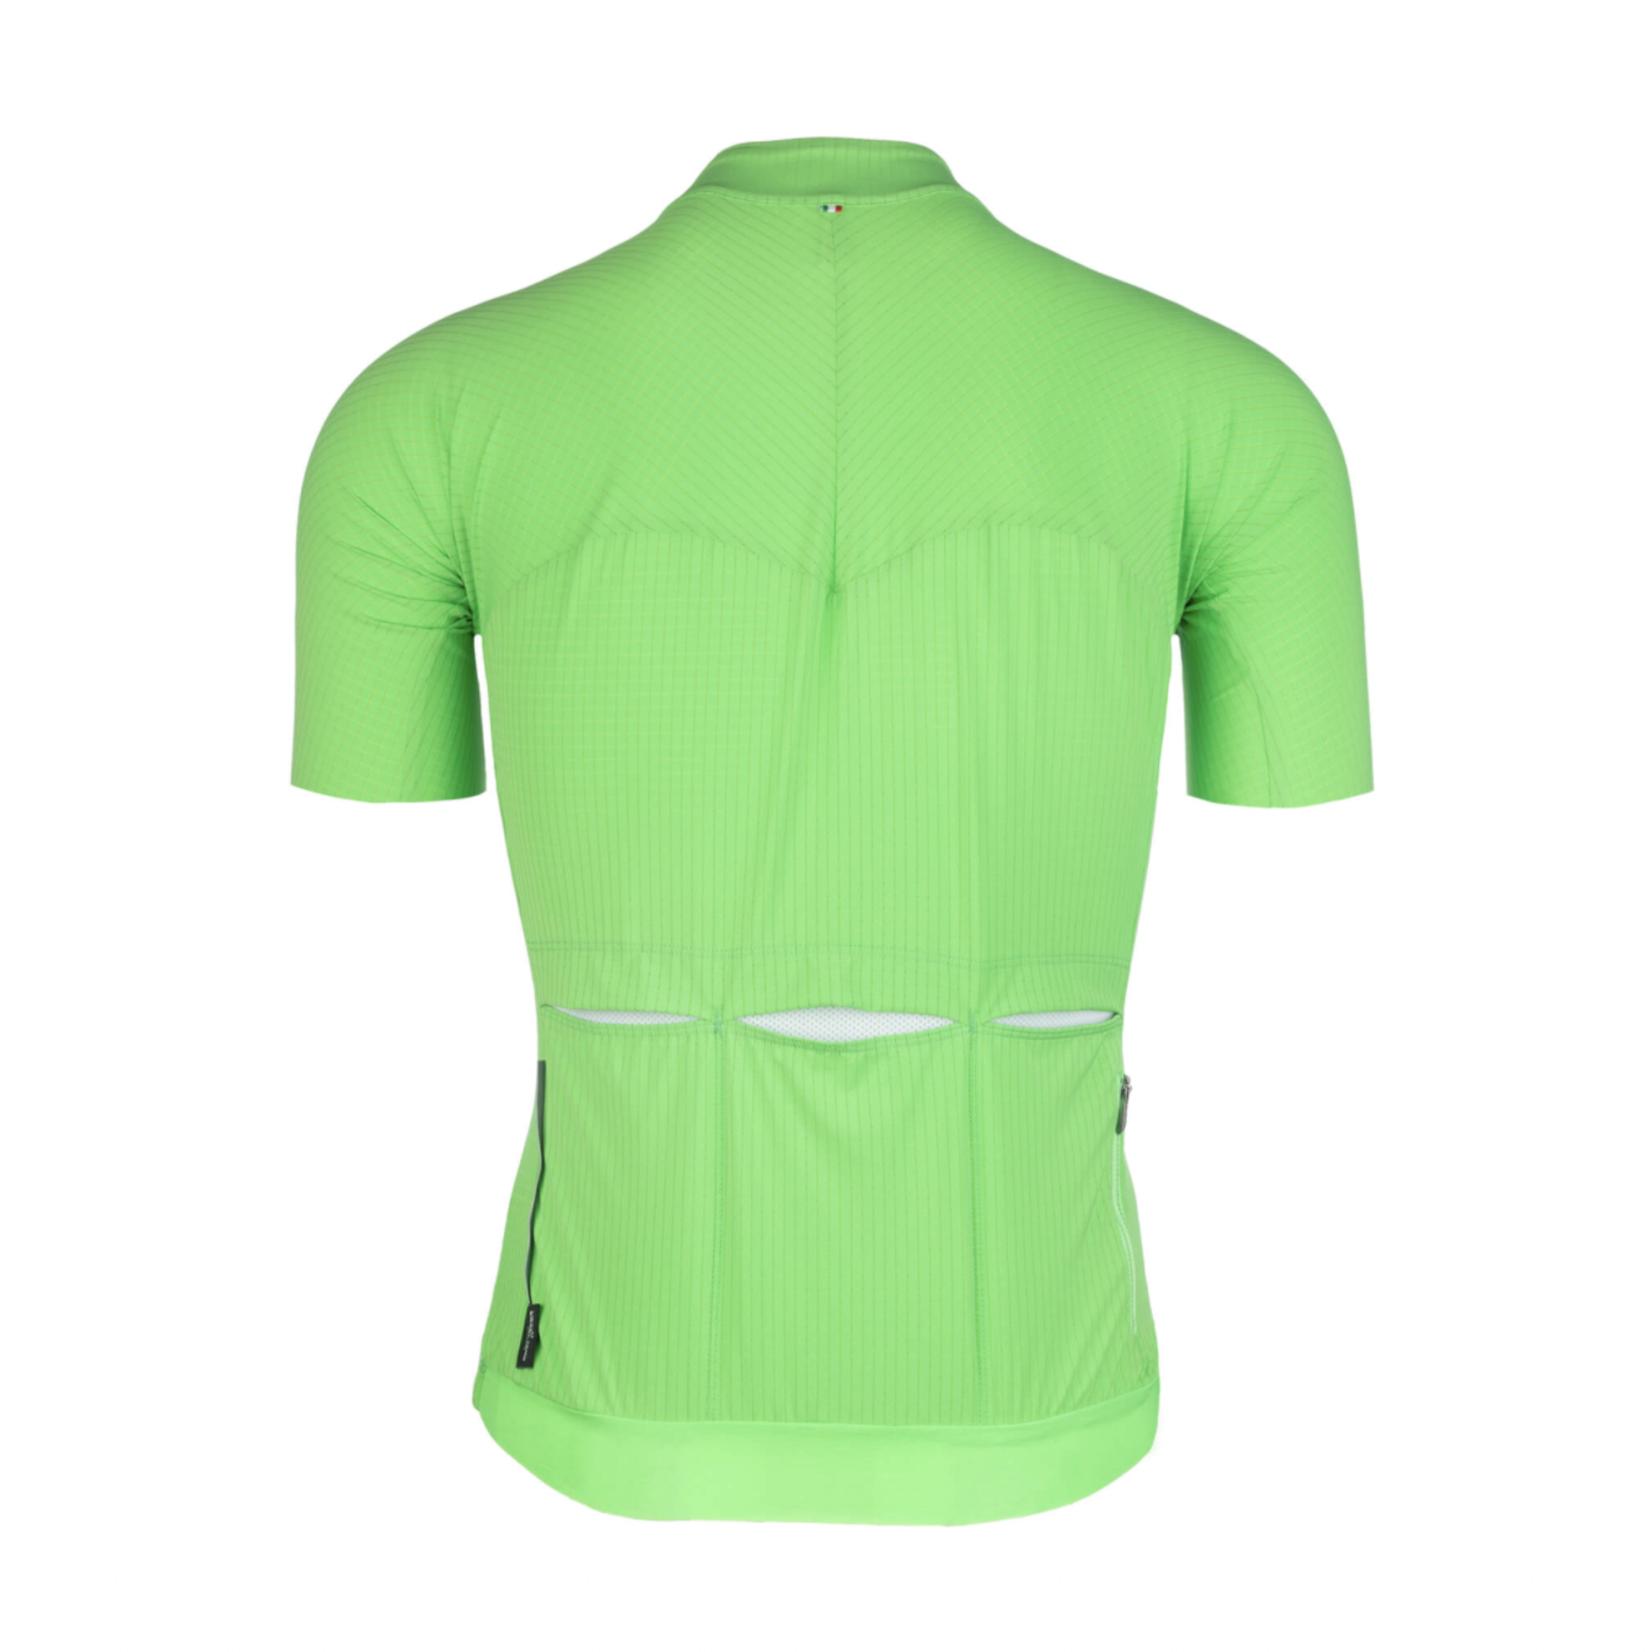 Q36.5 Q36.5 Jersey L1 Pinstripe X - Green